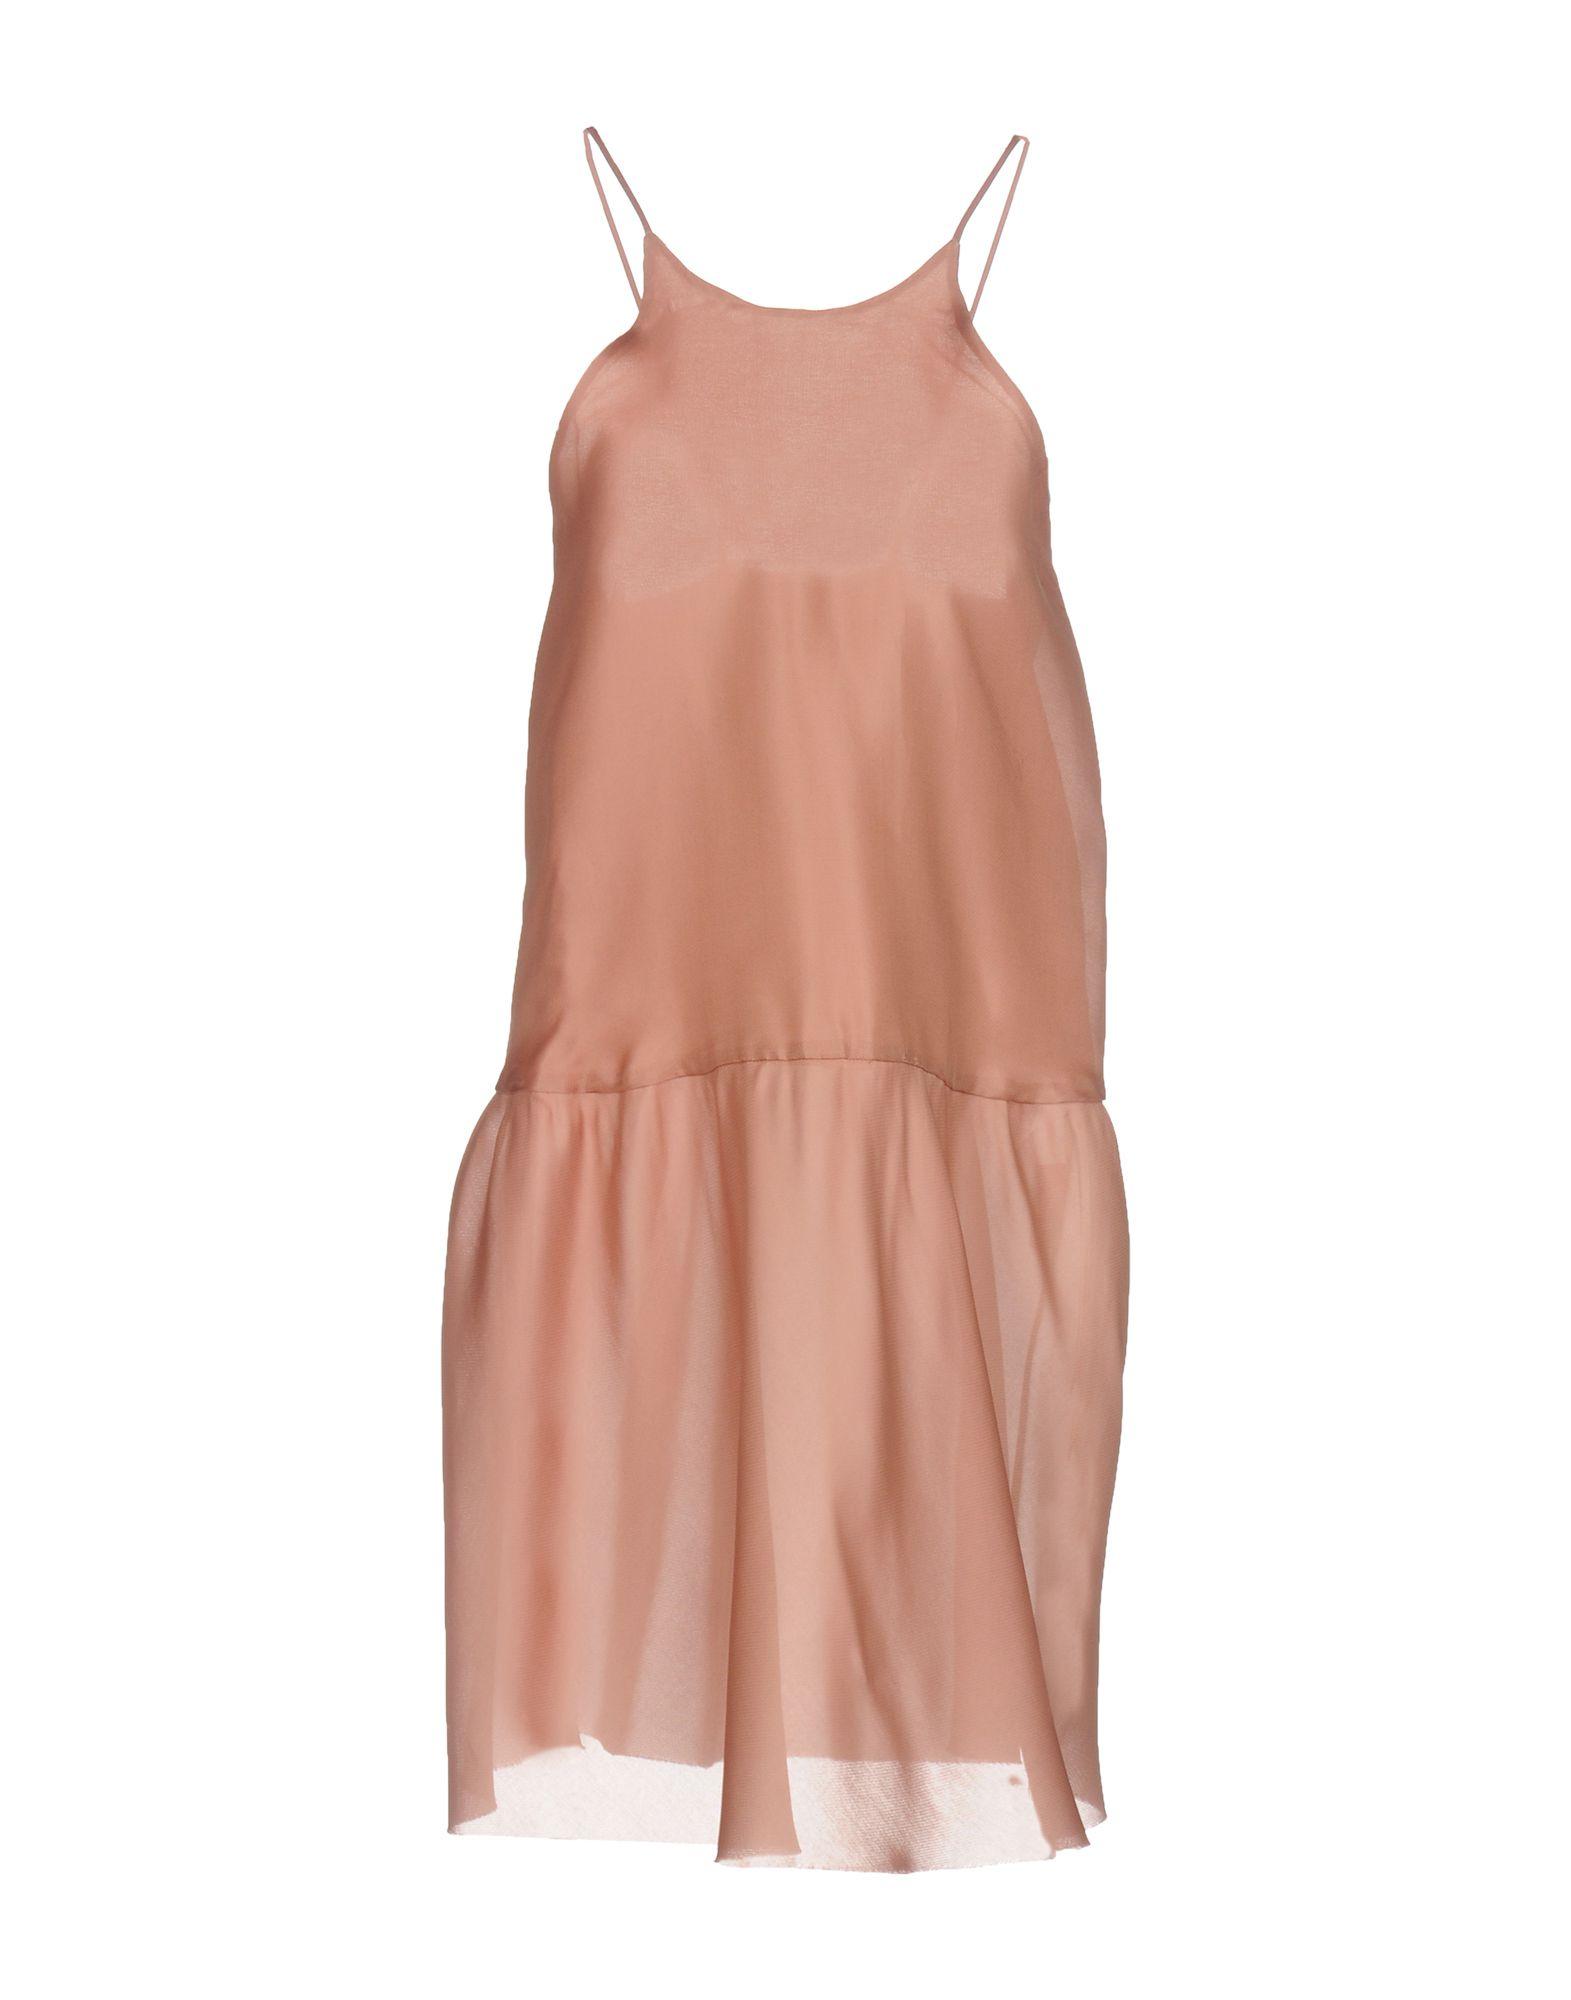 ERIKA CAVALLINI Damen Kurzes Kleid Farbe Altrosa Größe 4 jetztbilligerkaufen